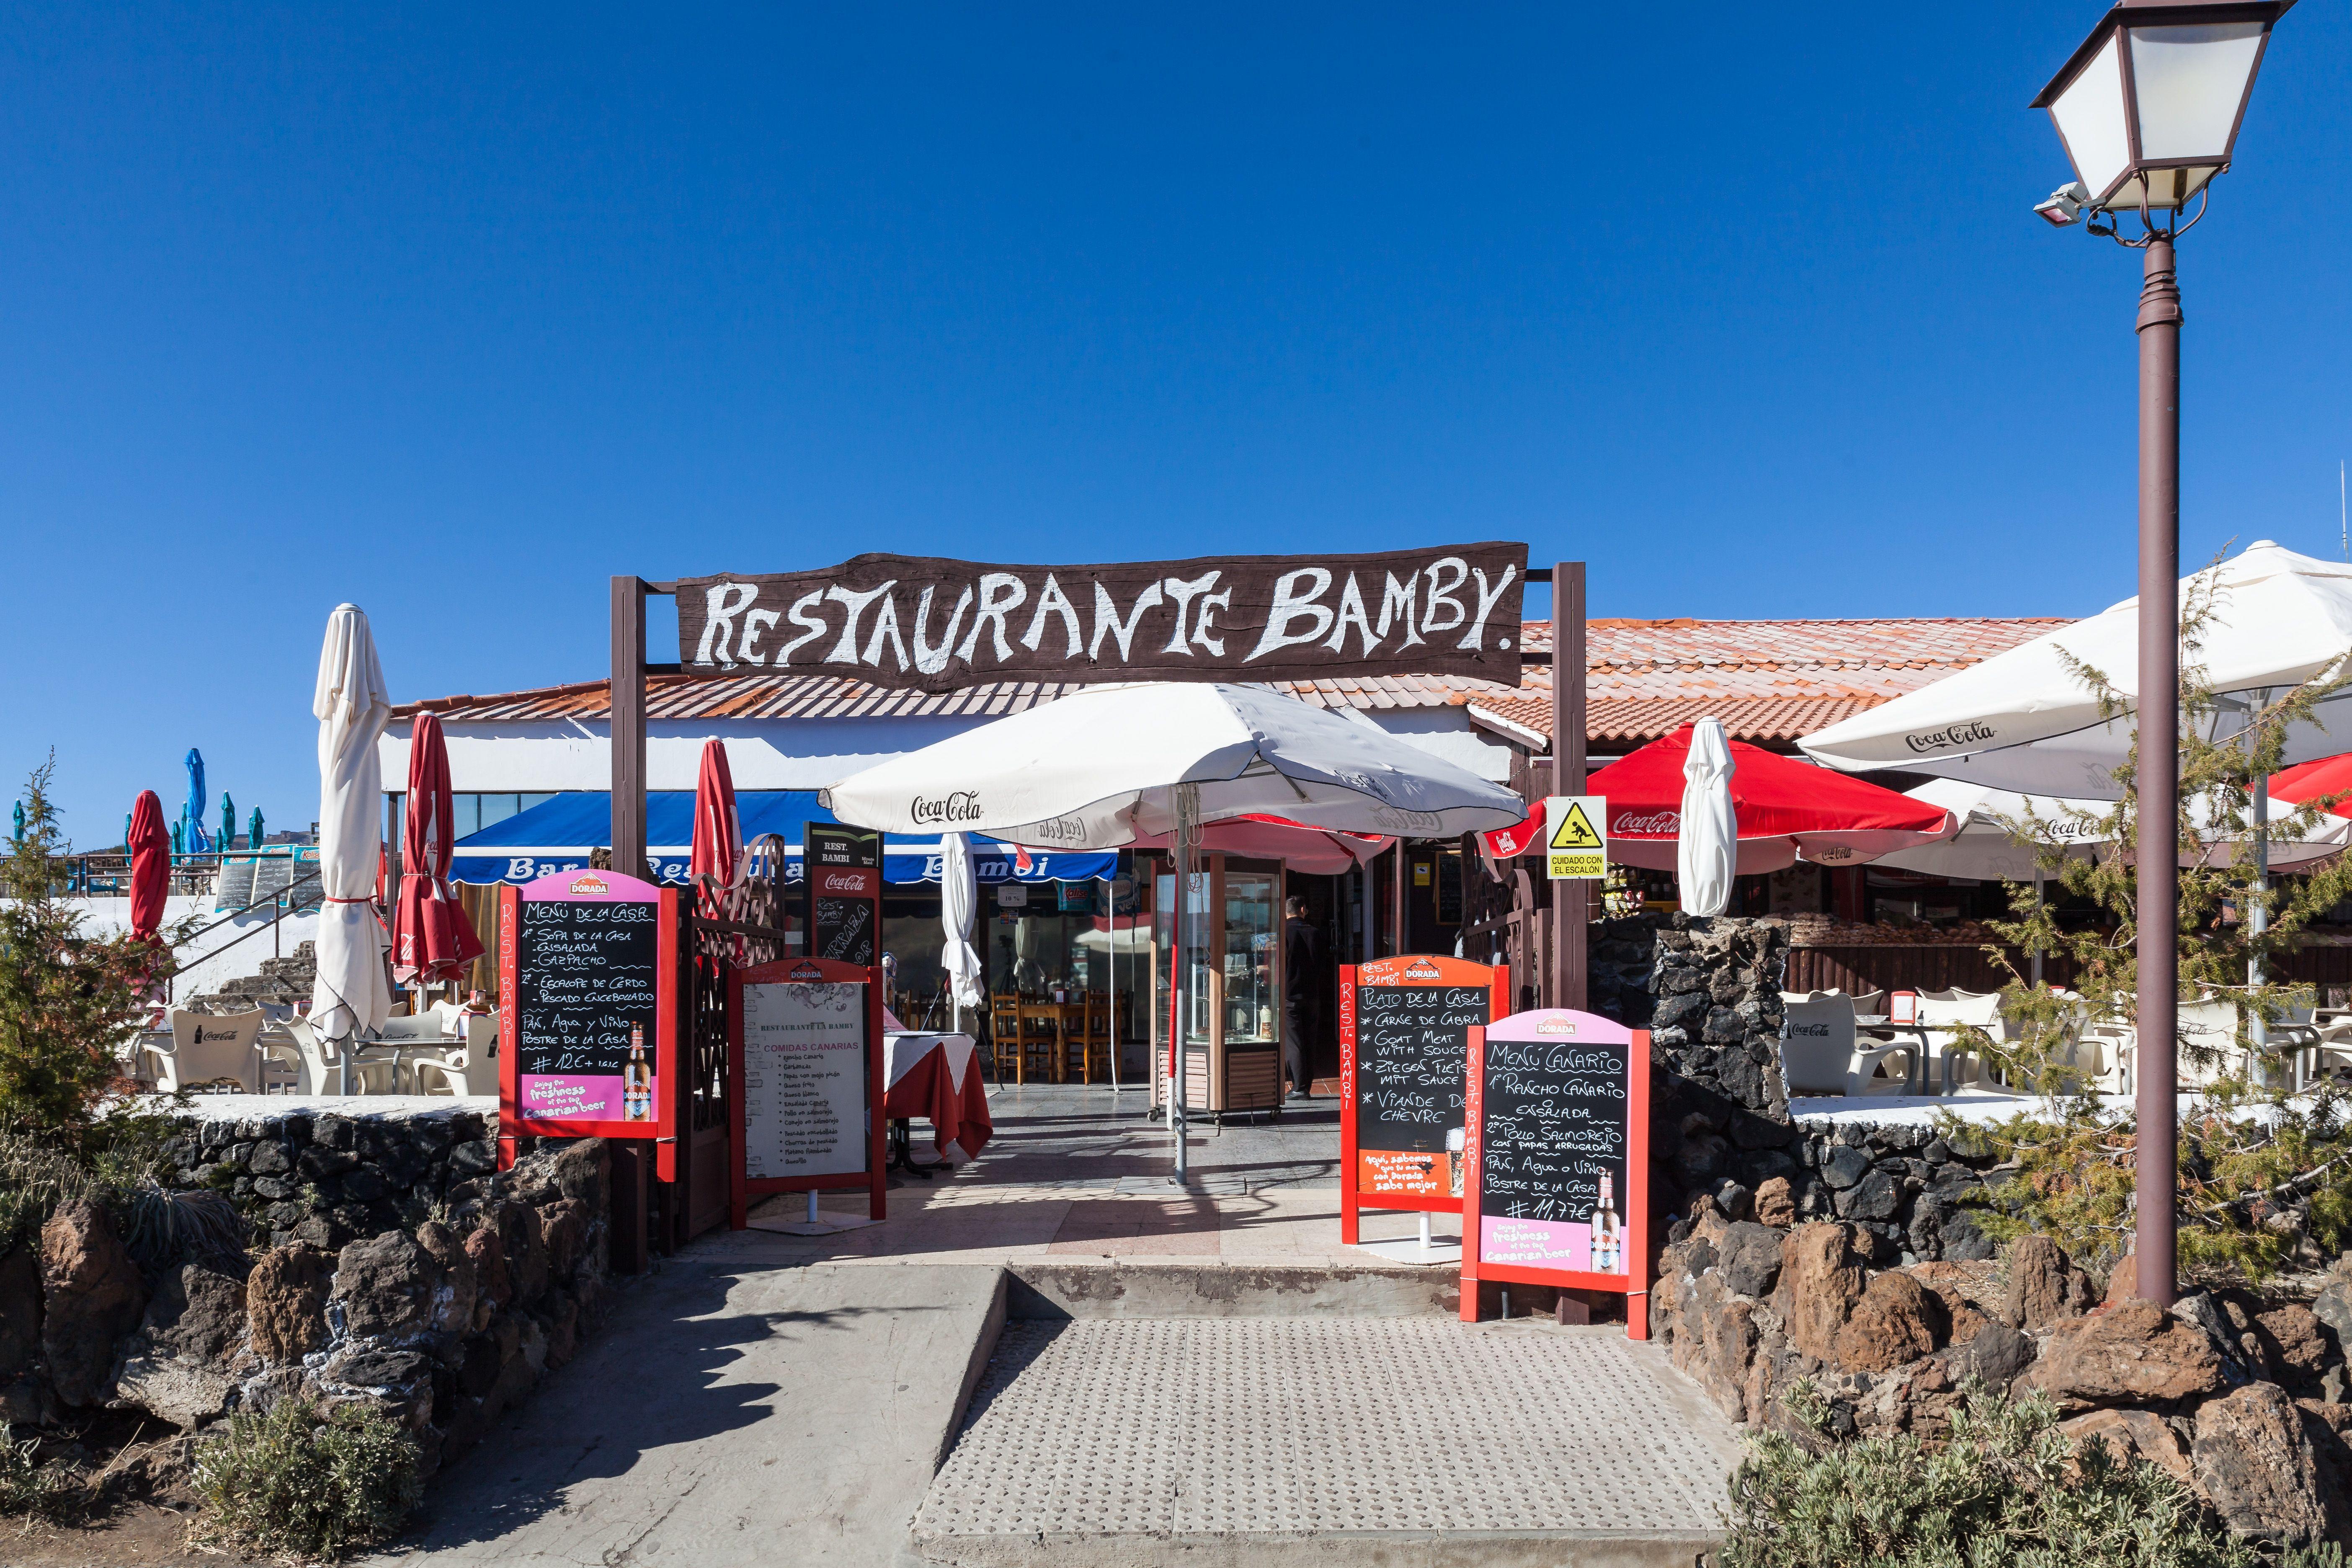 Foto 24 de Empresa de restauración ubicada en el Parque Nacional del Teide en La Orotava | Restaurantes El Portillo y La Bamby